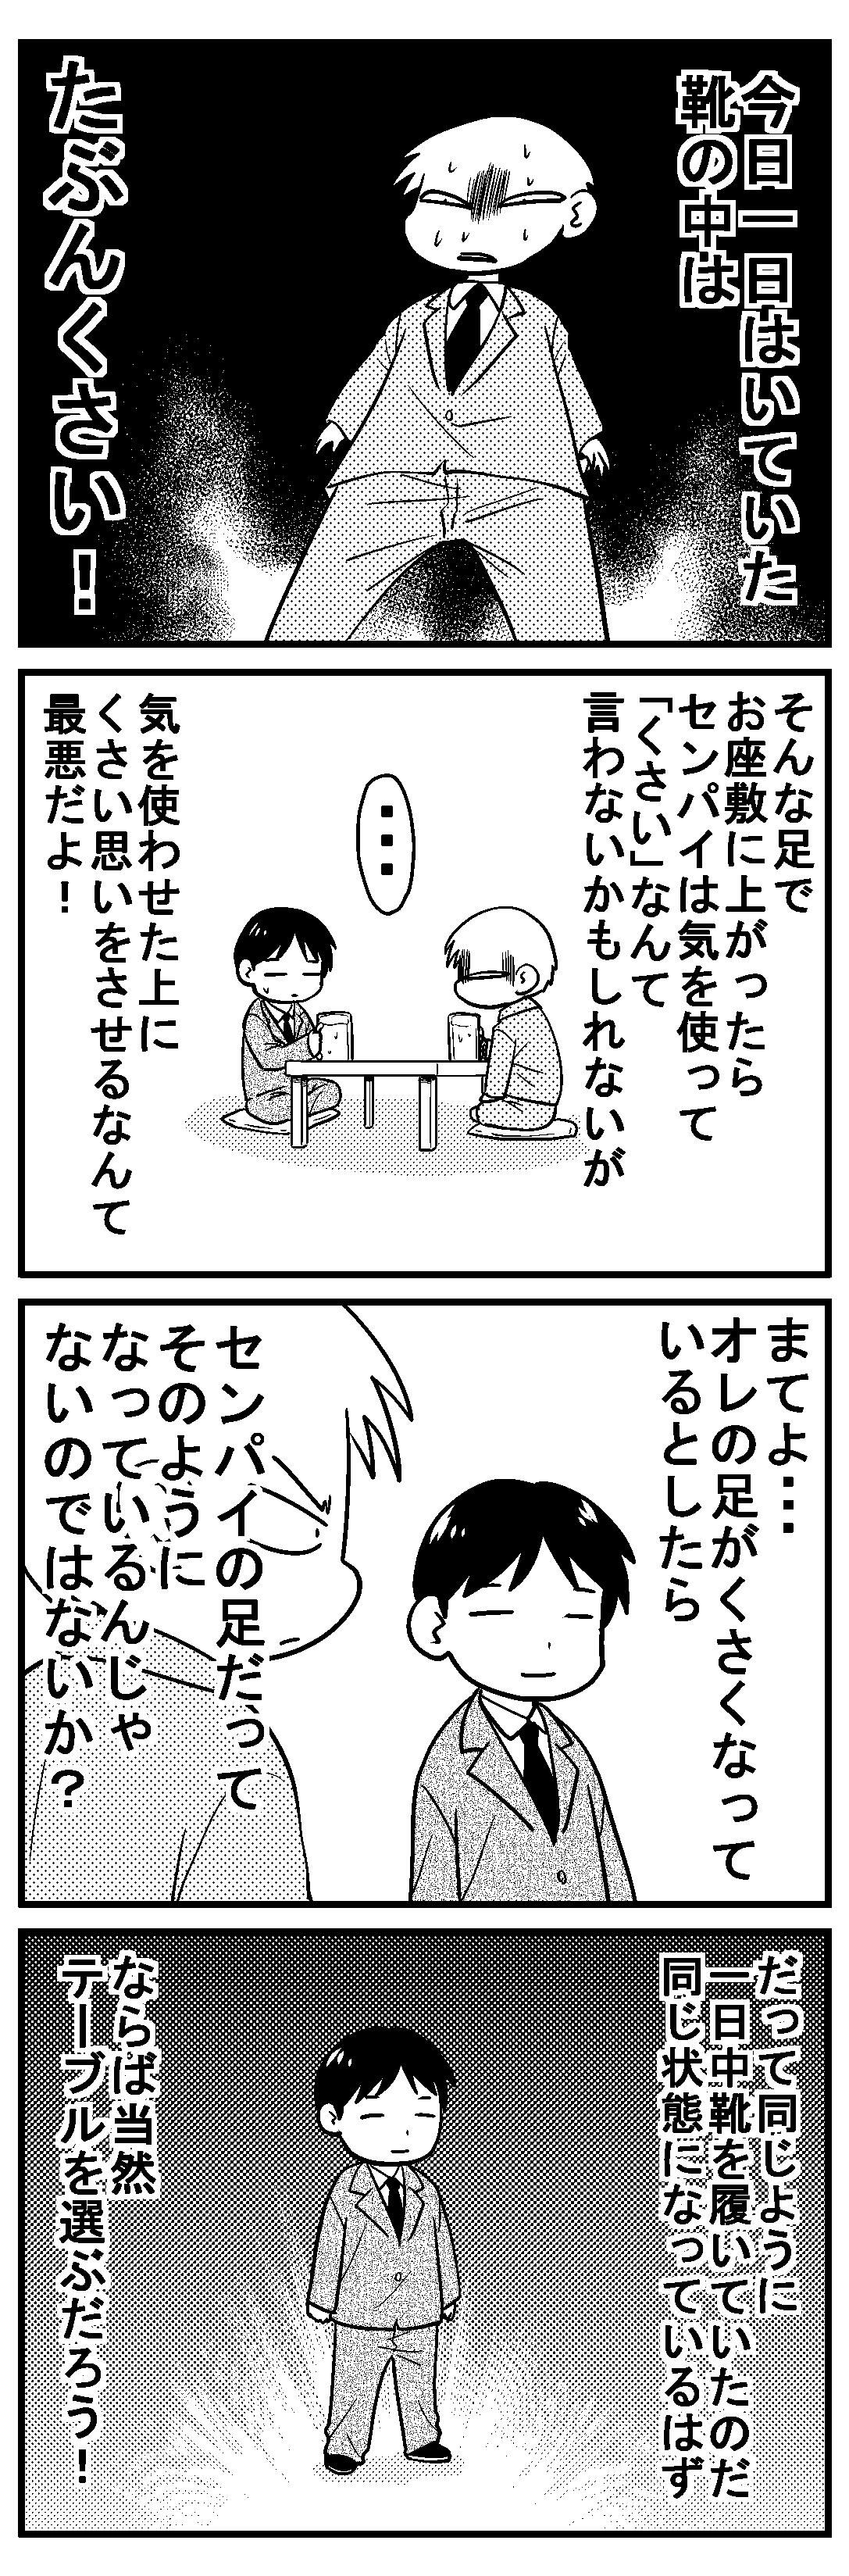 深読みくん29 2